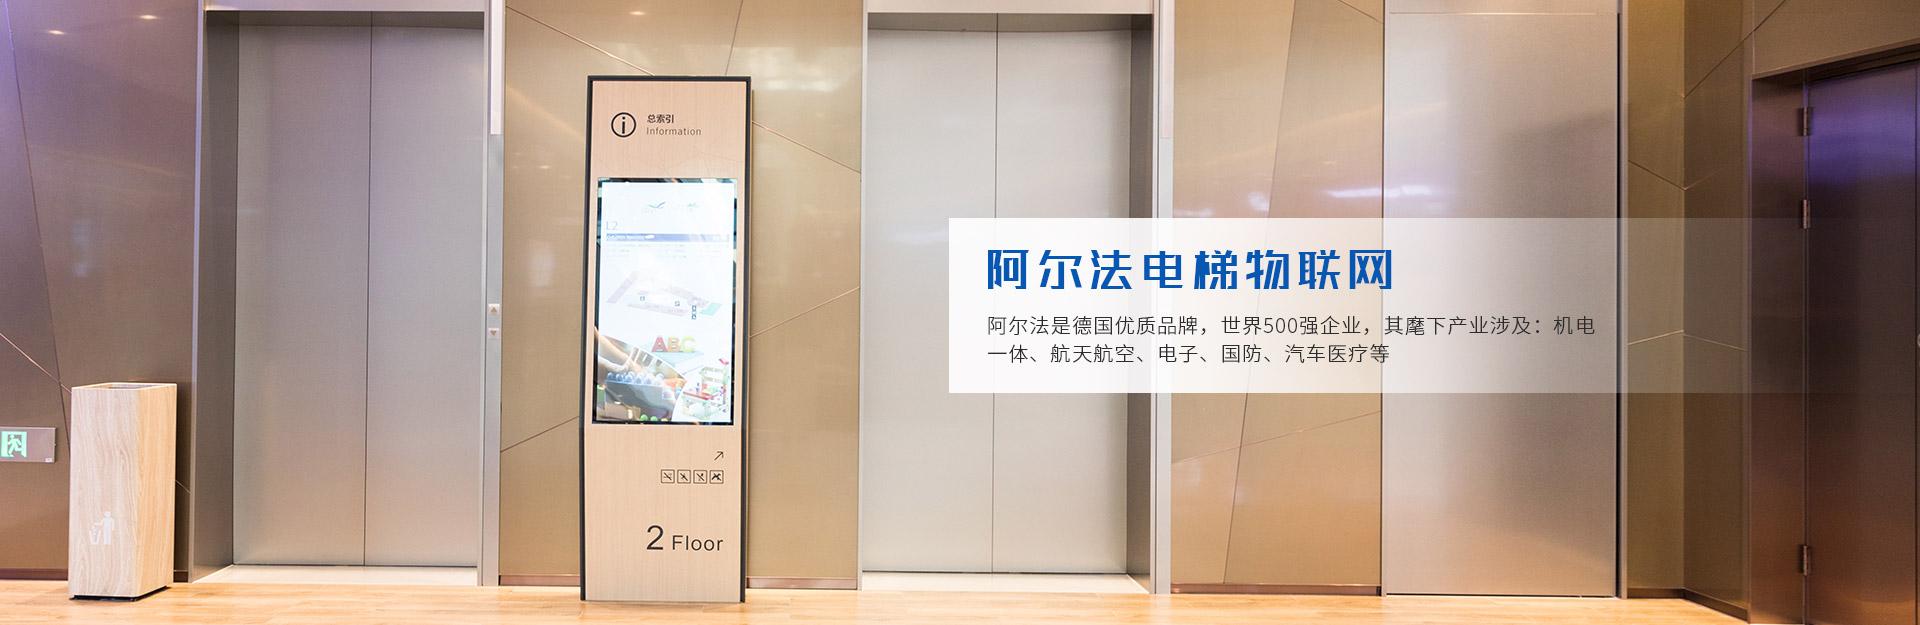 上海别墅电梯_上海阿尔法电梯有限公司